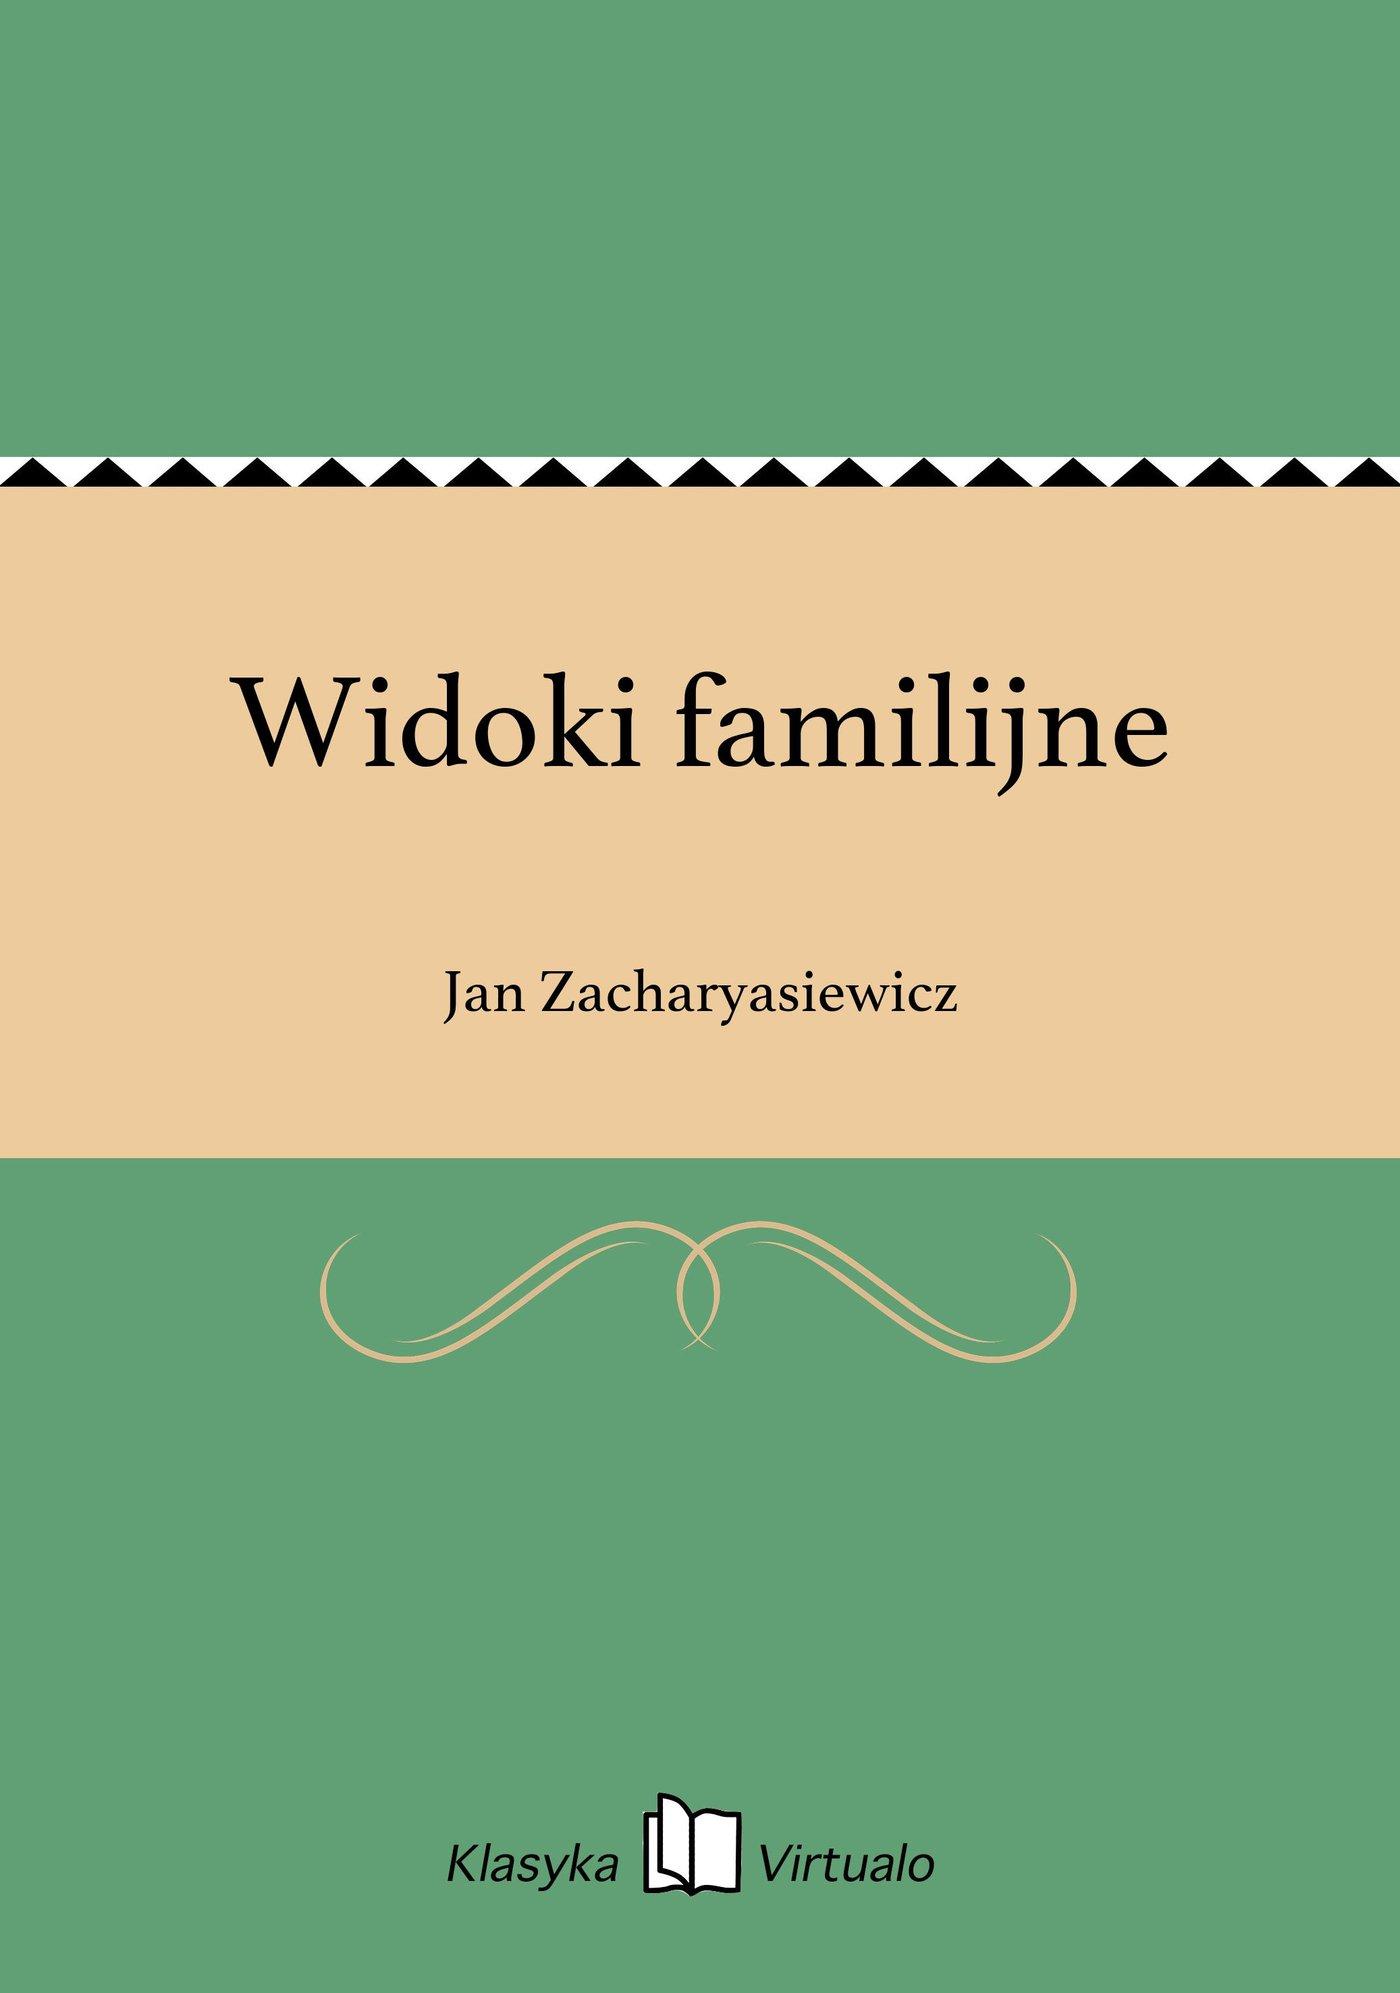 Widoki familijne - Ebook (Książka na Kindle) do pobrania w formacie MOBI